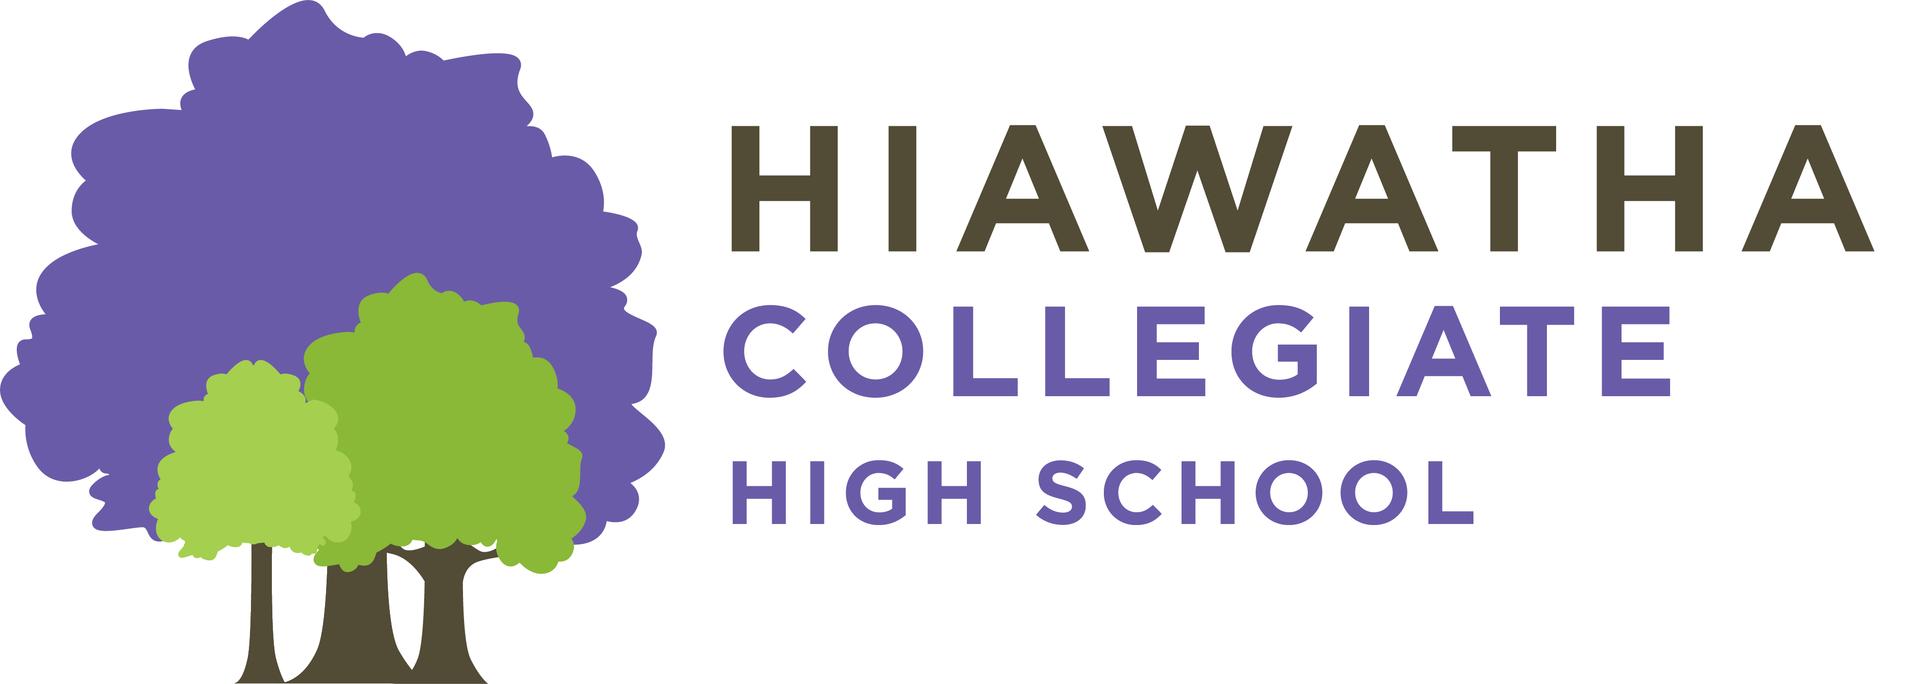 HCHS logo